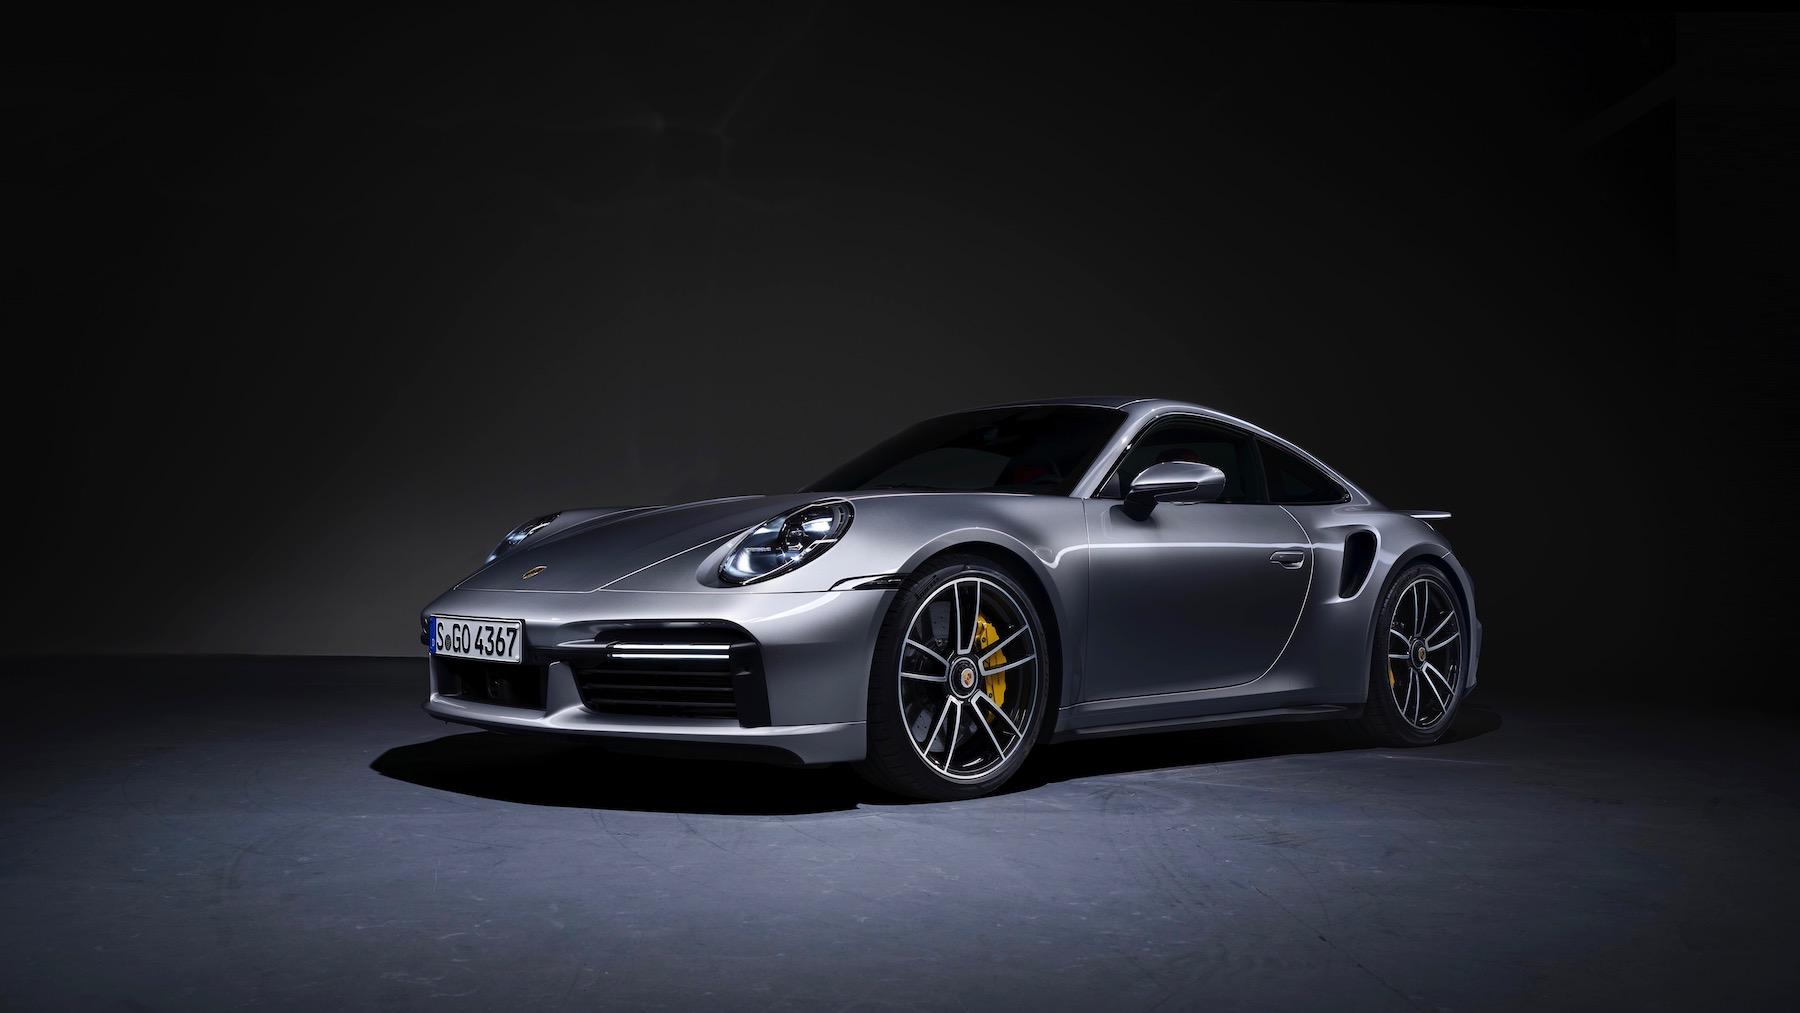 Porsche präsentiert die neue Generation des 911 Turbo S 3